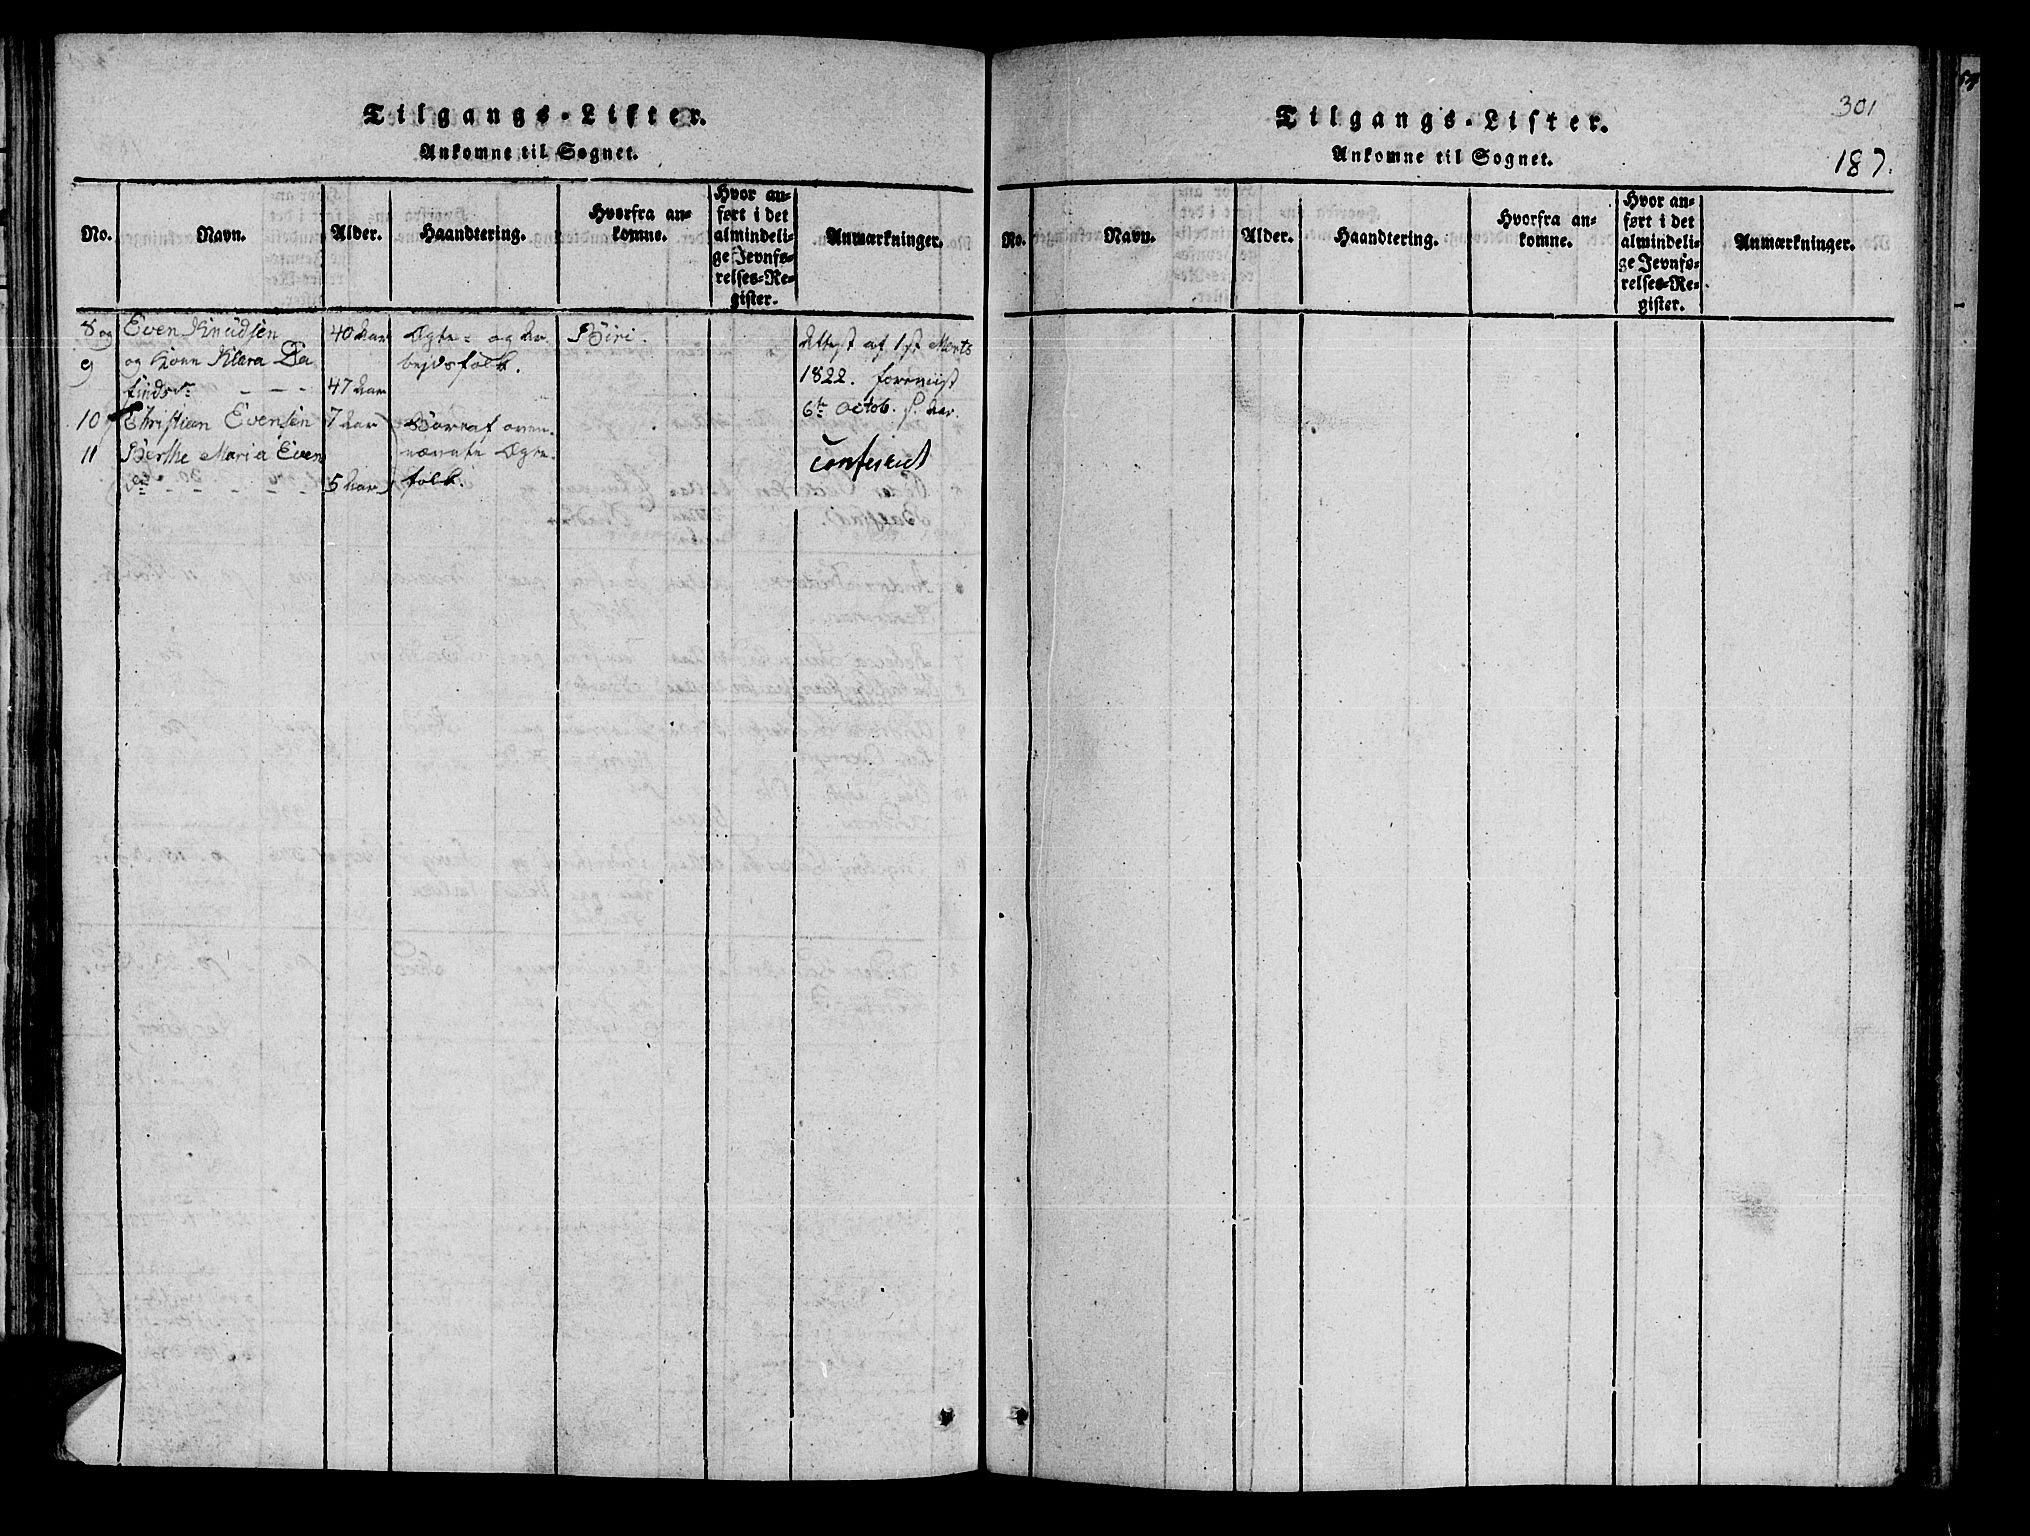 SAT, Ministerialprotokoller, klokkerbøker og fødselsregistre - Nord-Trøndelag, 741/L0387: Ministerialbok nr. 741A03 /1, 1817-1822, s. 187